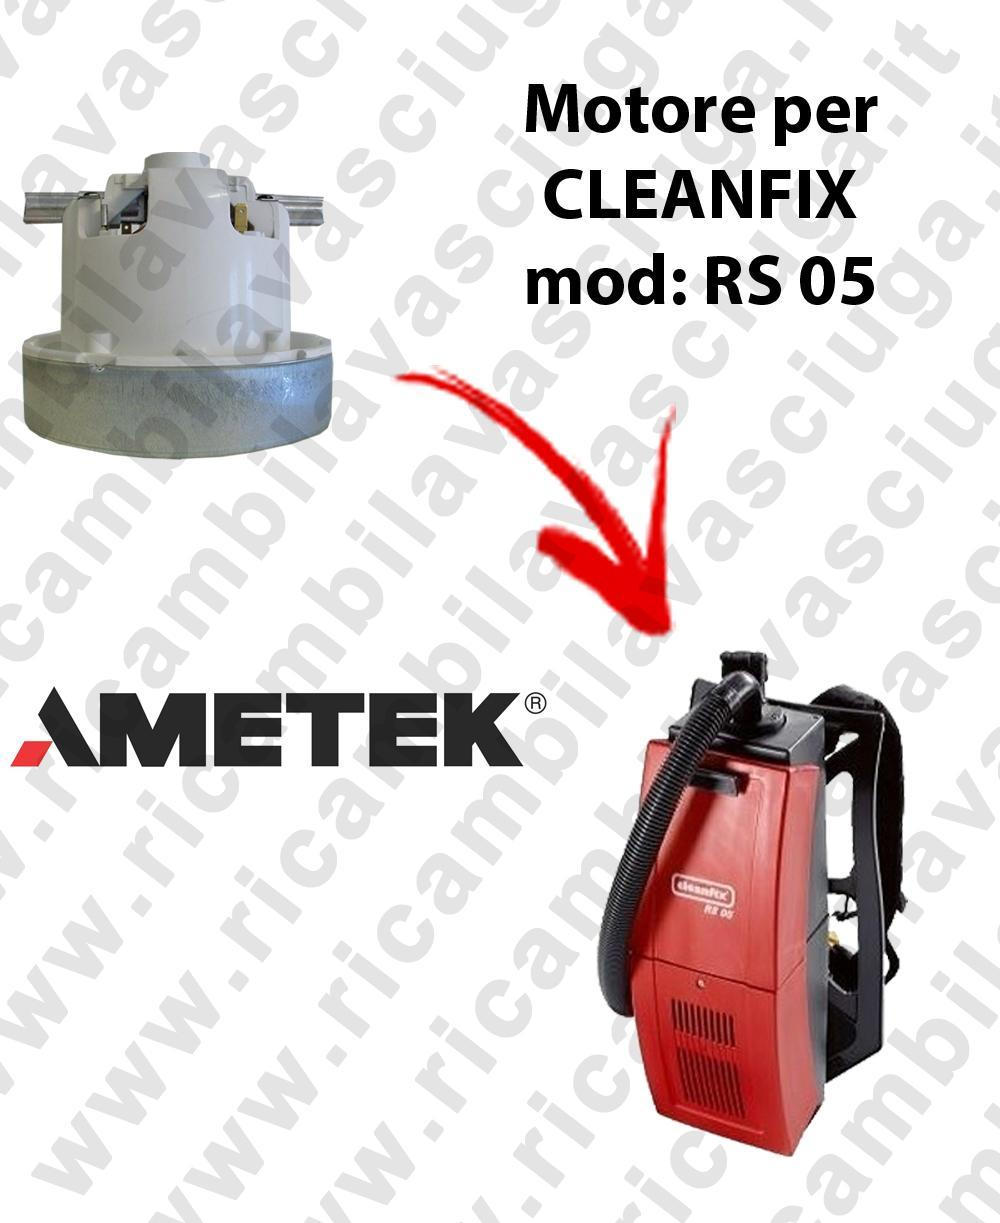 RS 05 MOTEUR ASPIRATION AMETEK pour aspirateur CLEANFIX